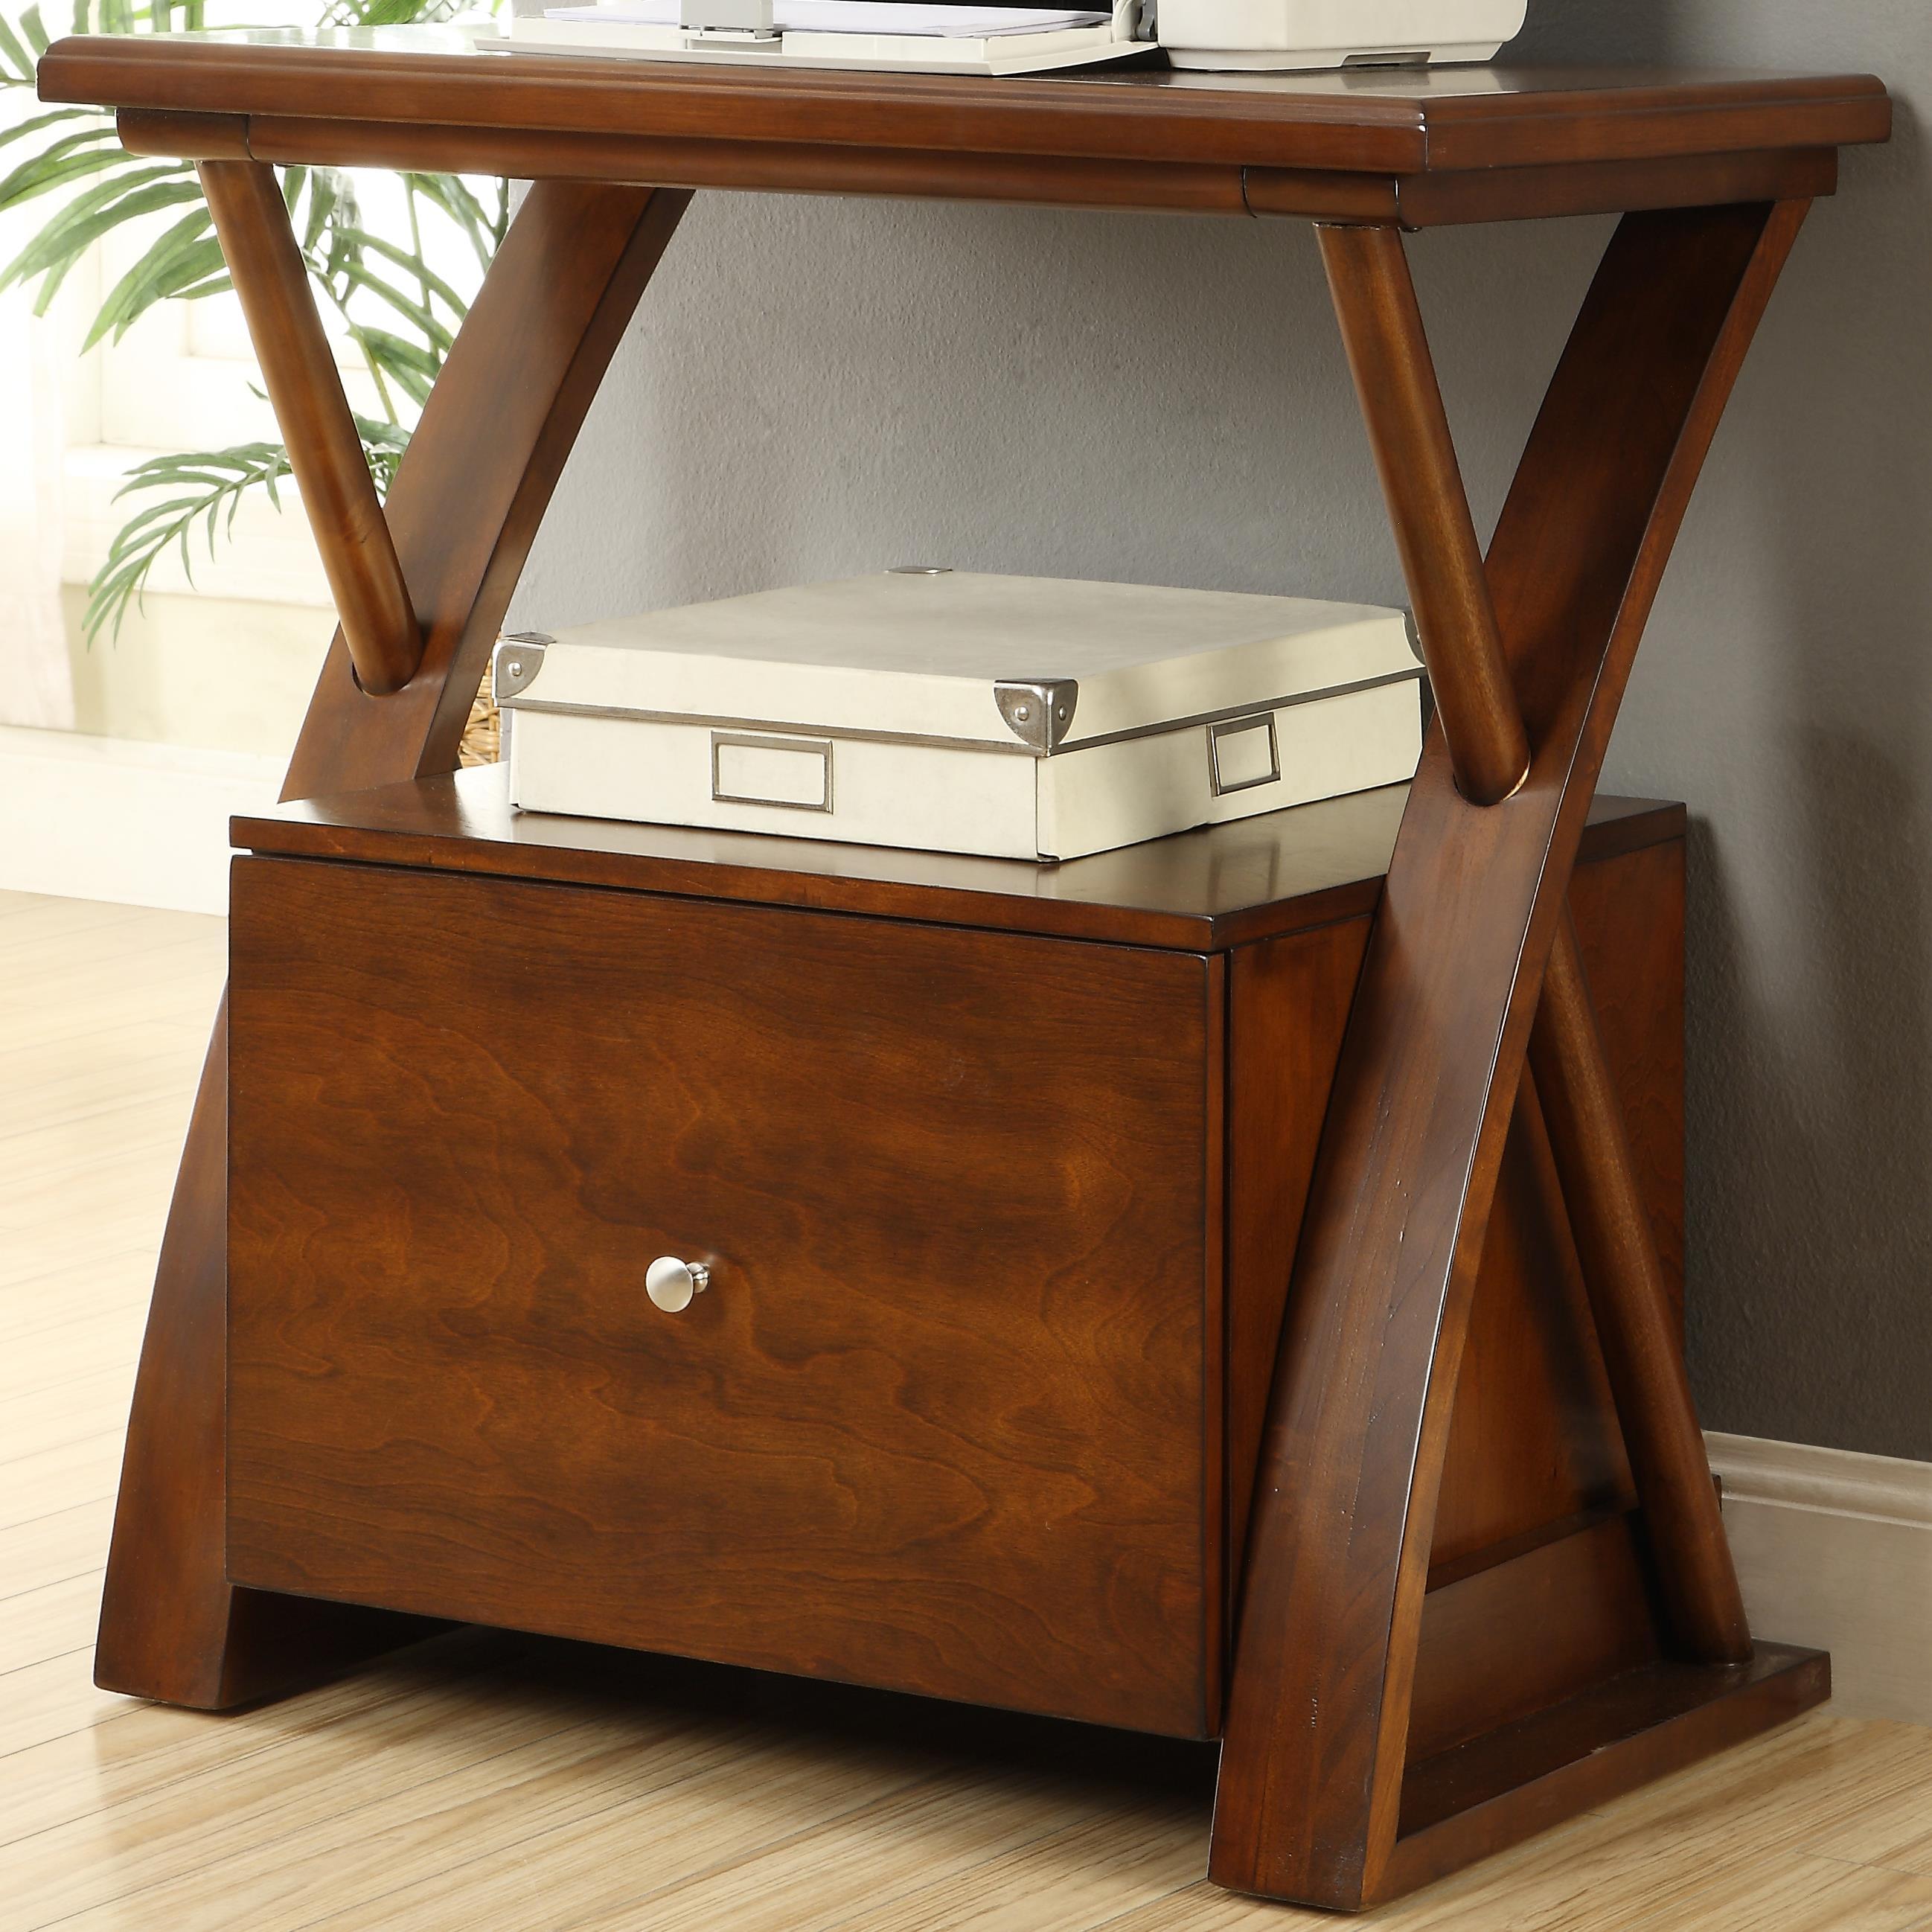 Legends Furniture Super Z File Drawer - Item Number: ZSUZ-6010